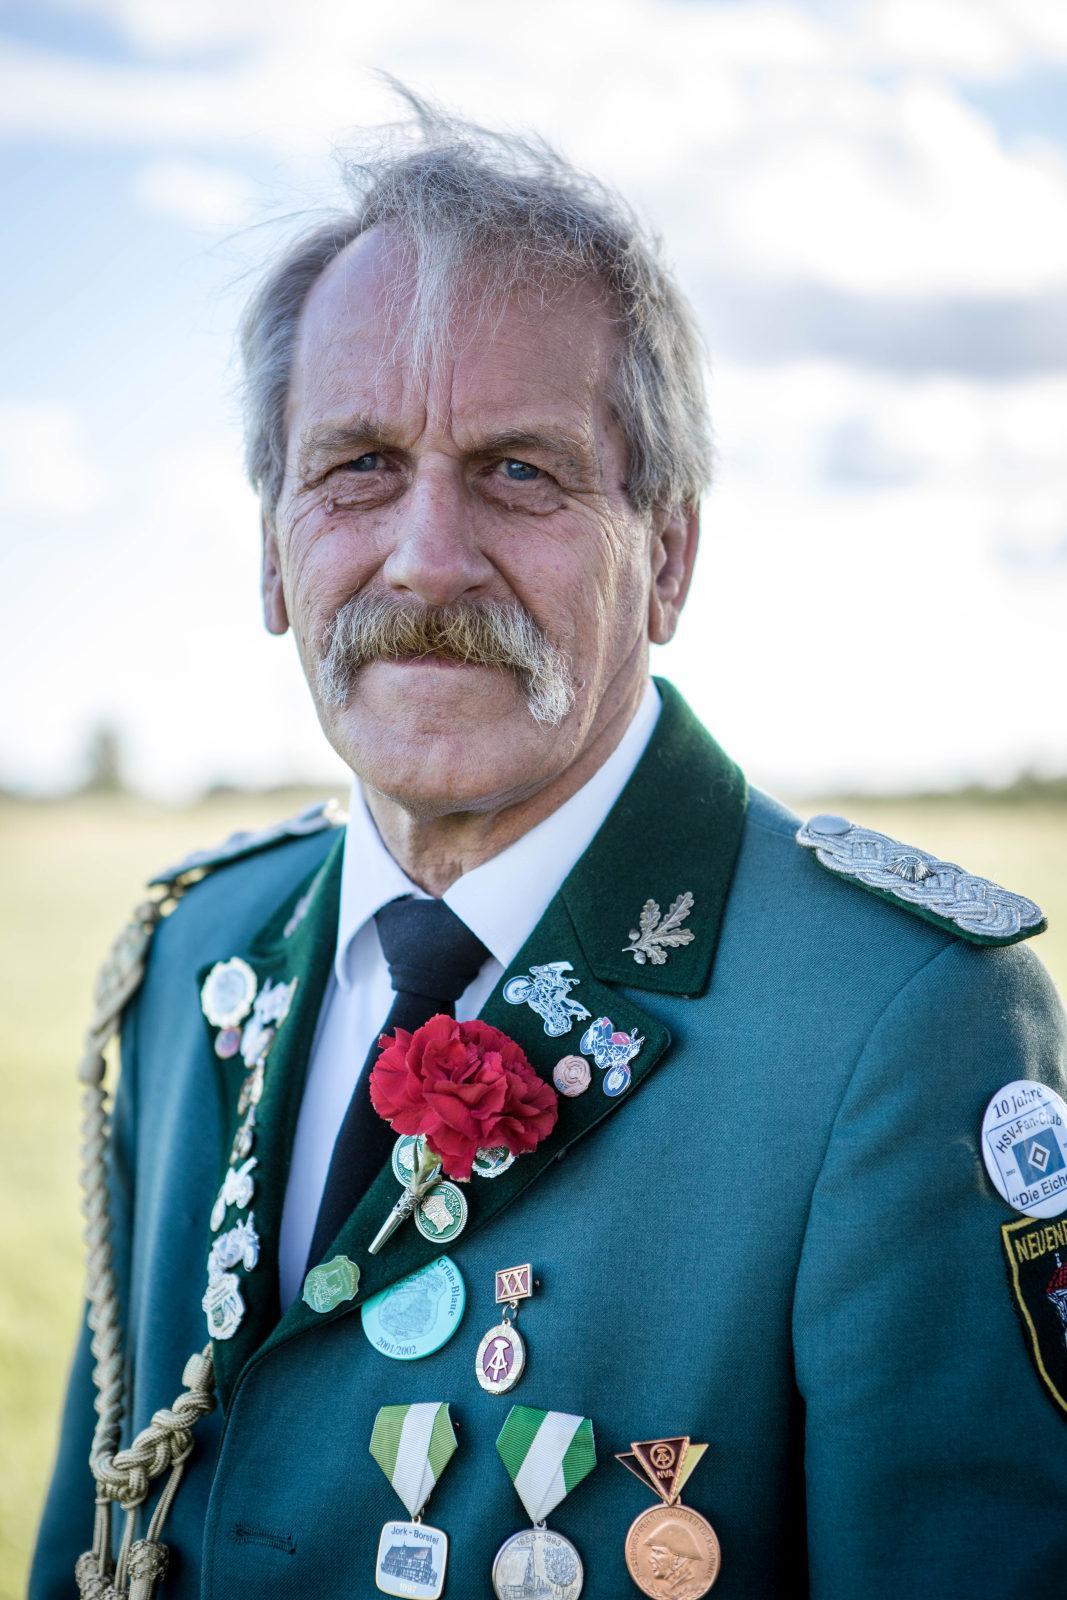 Claus Purwins